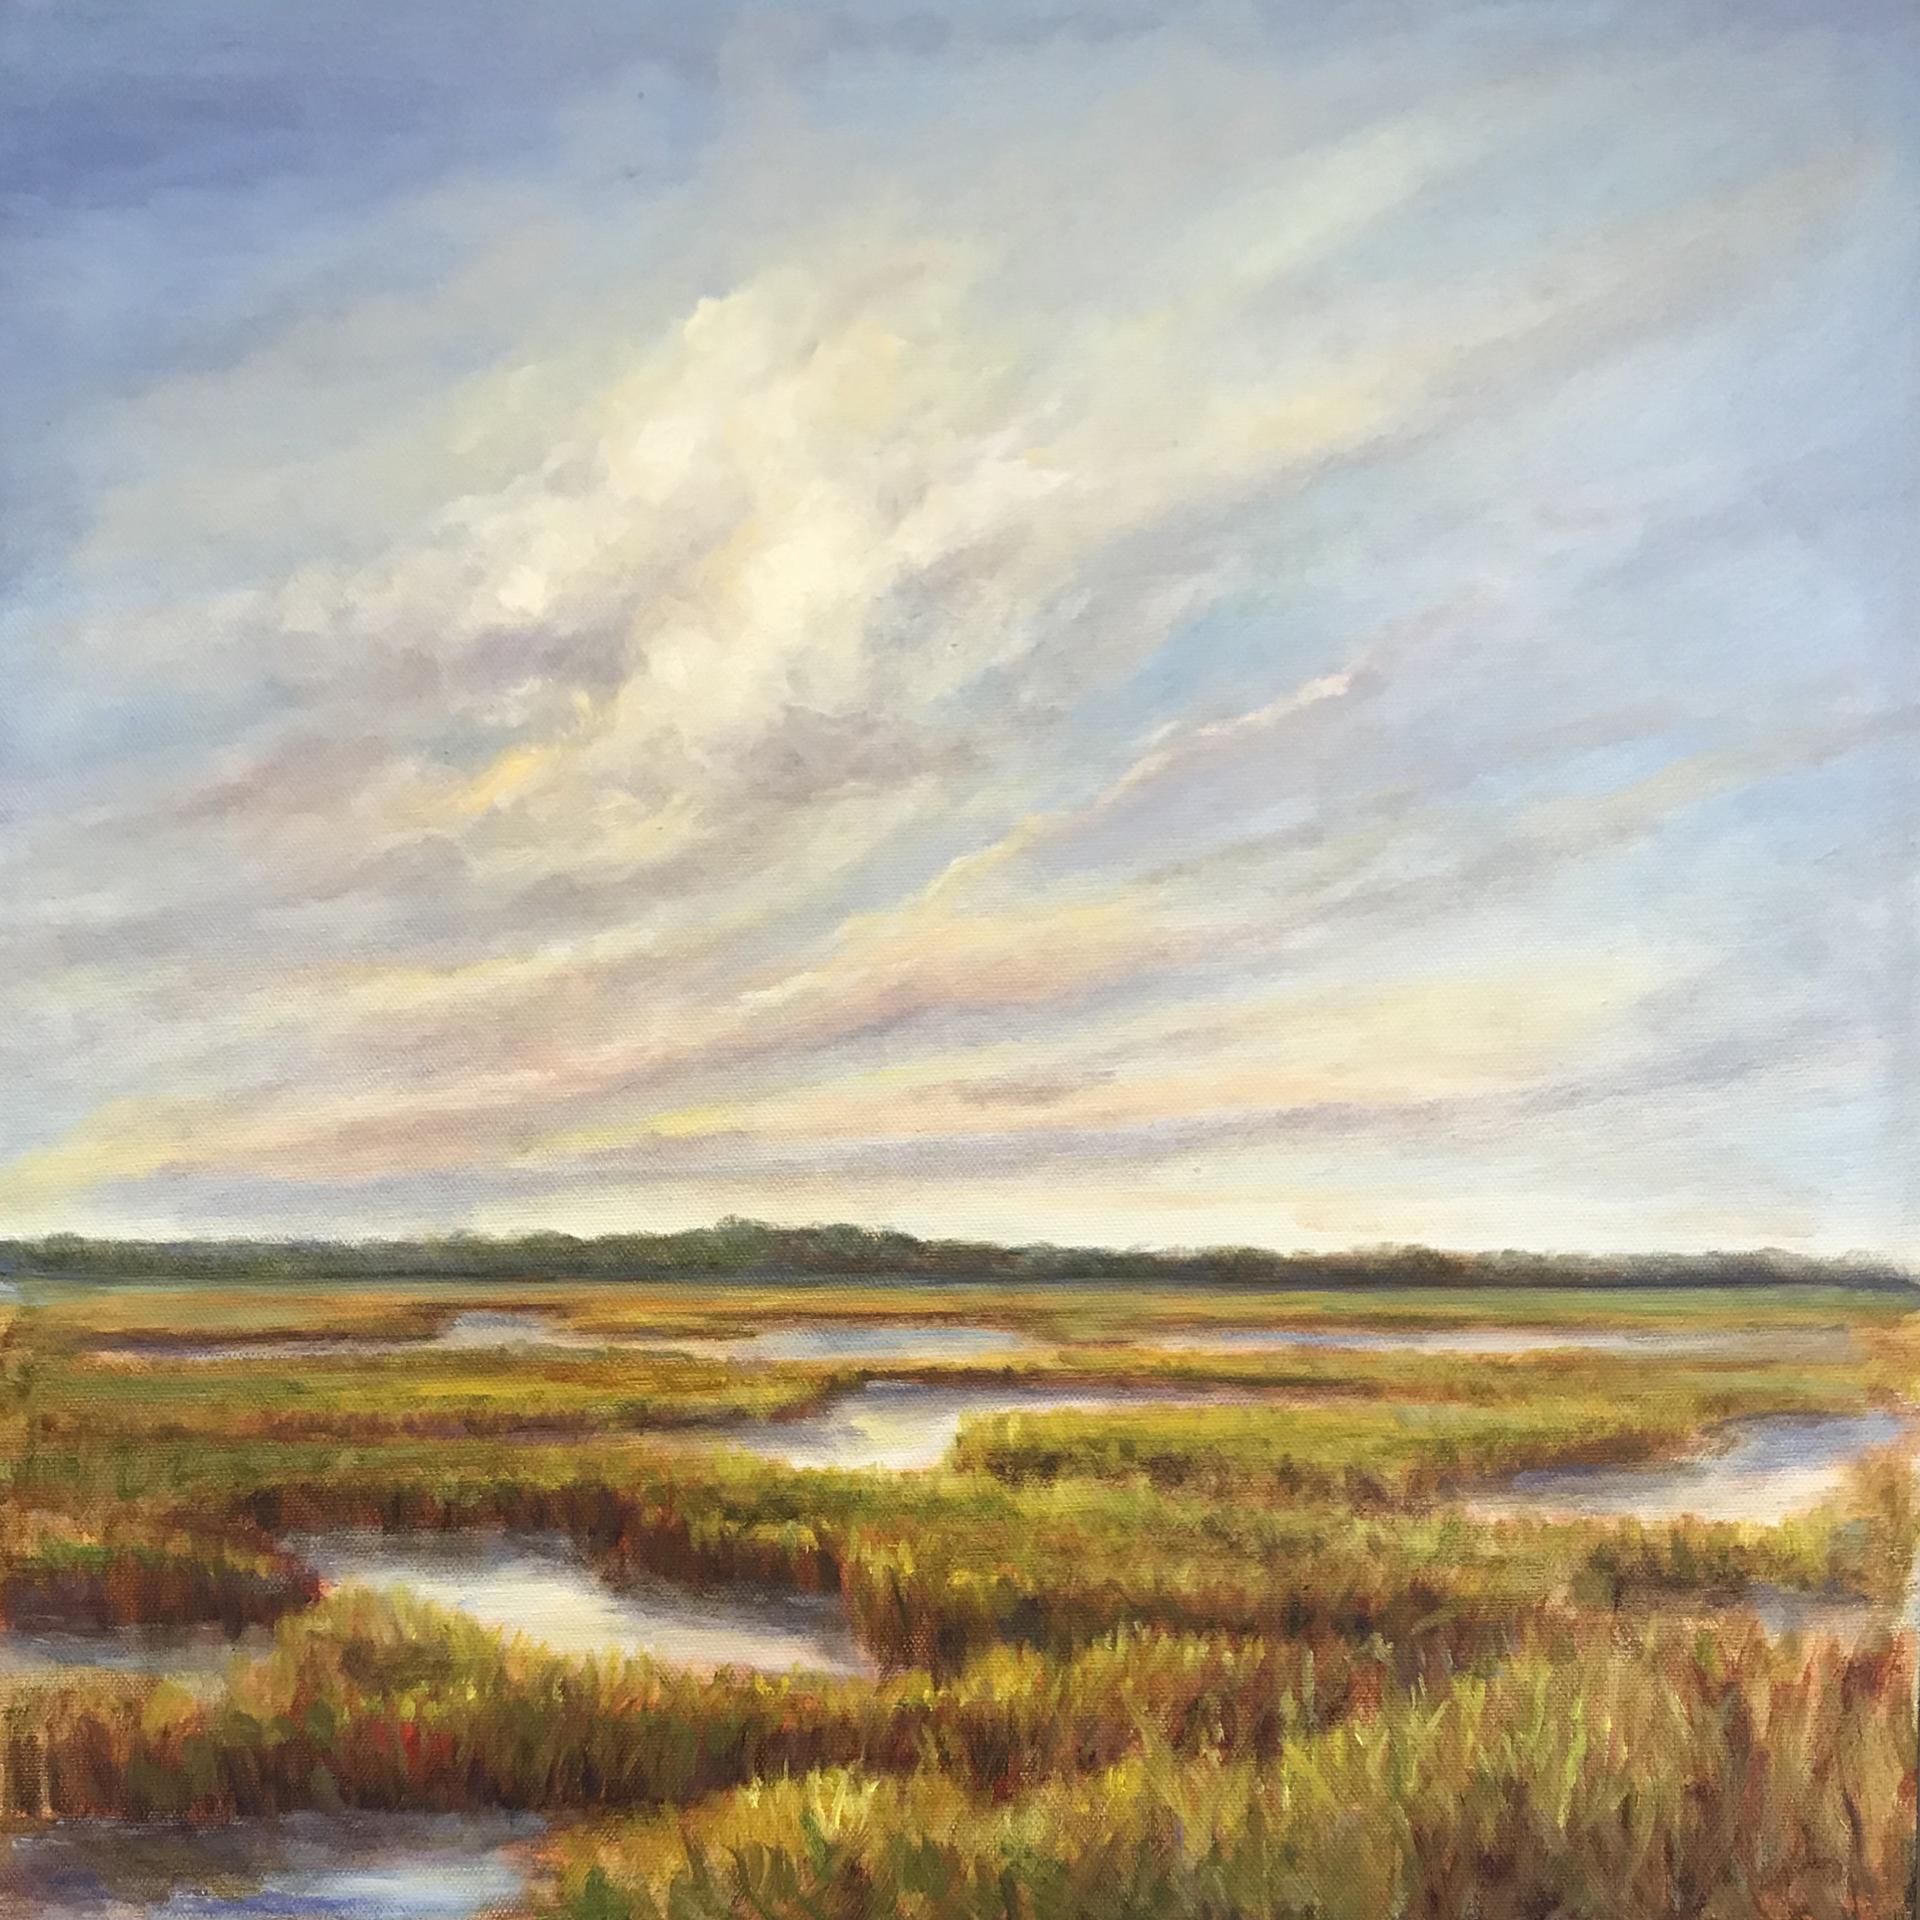 Tilghman Marsh